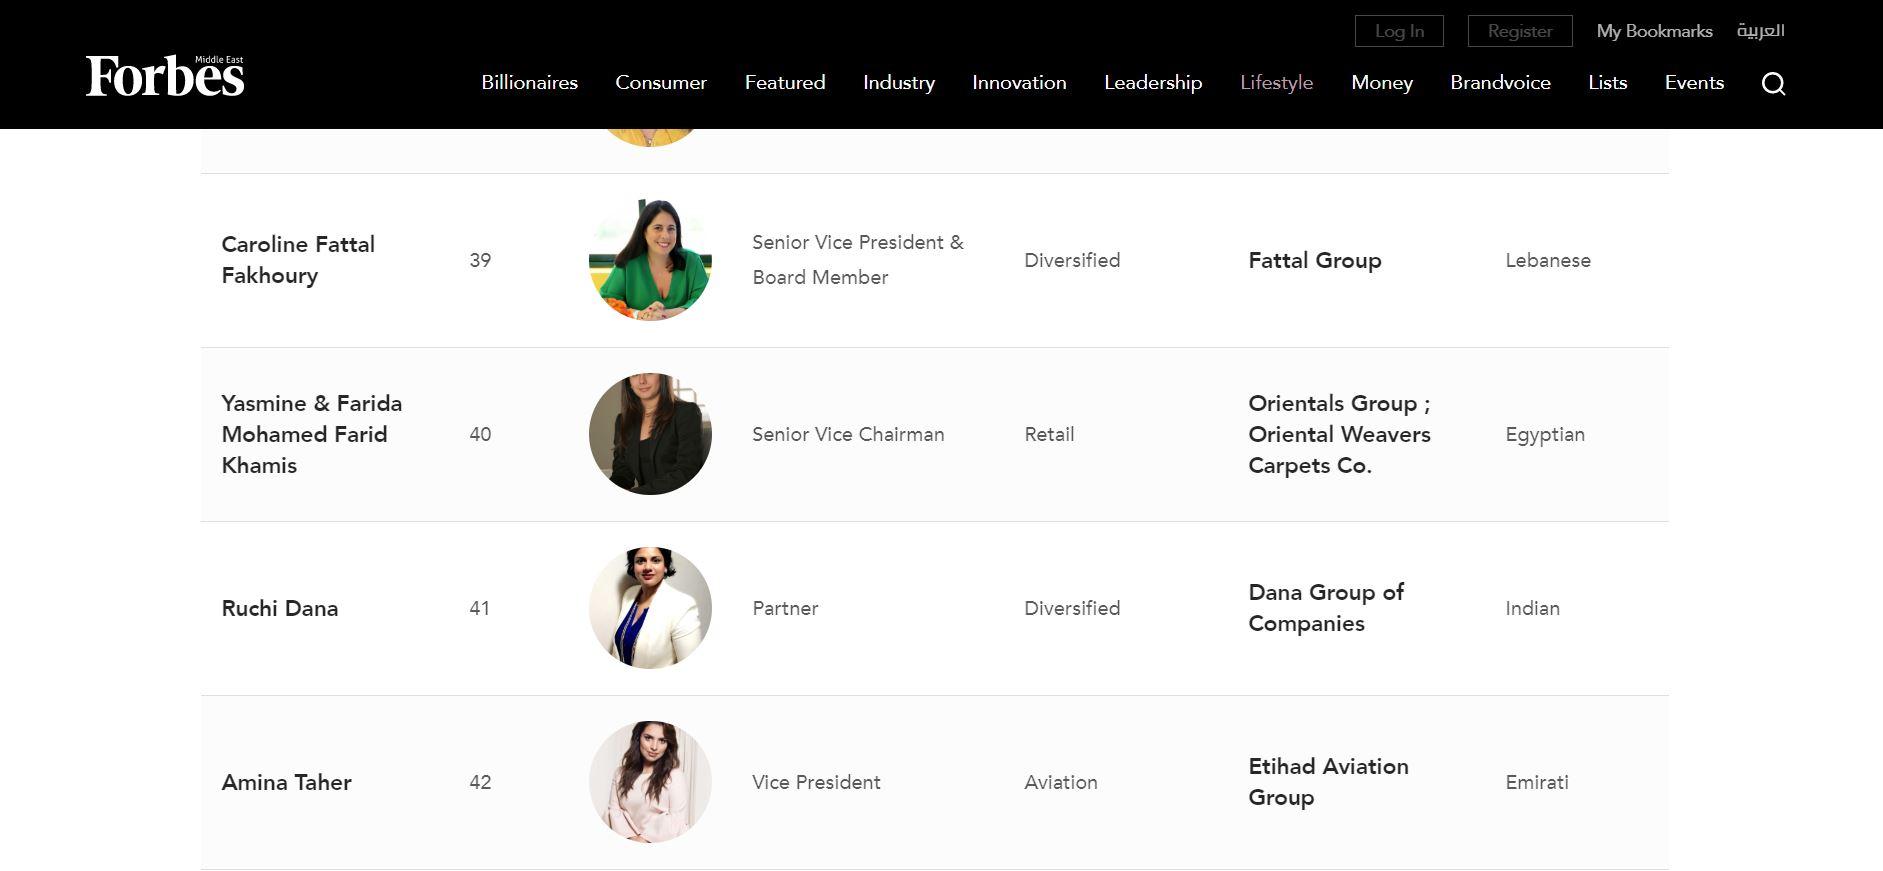 top 50 women - Ruchi Dana by Forbes